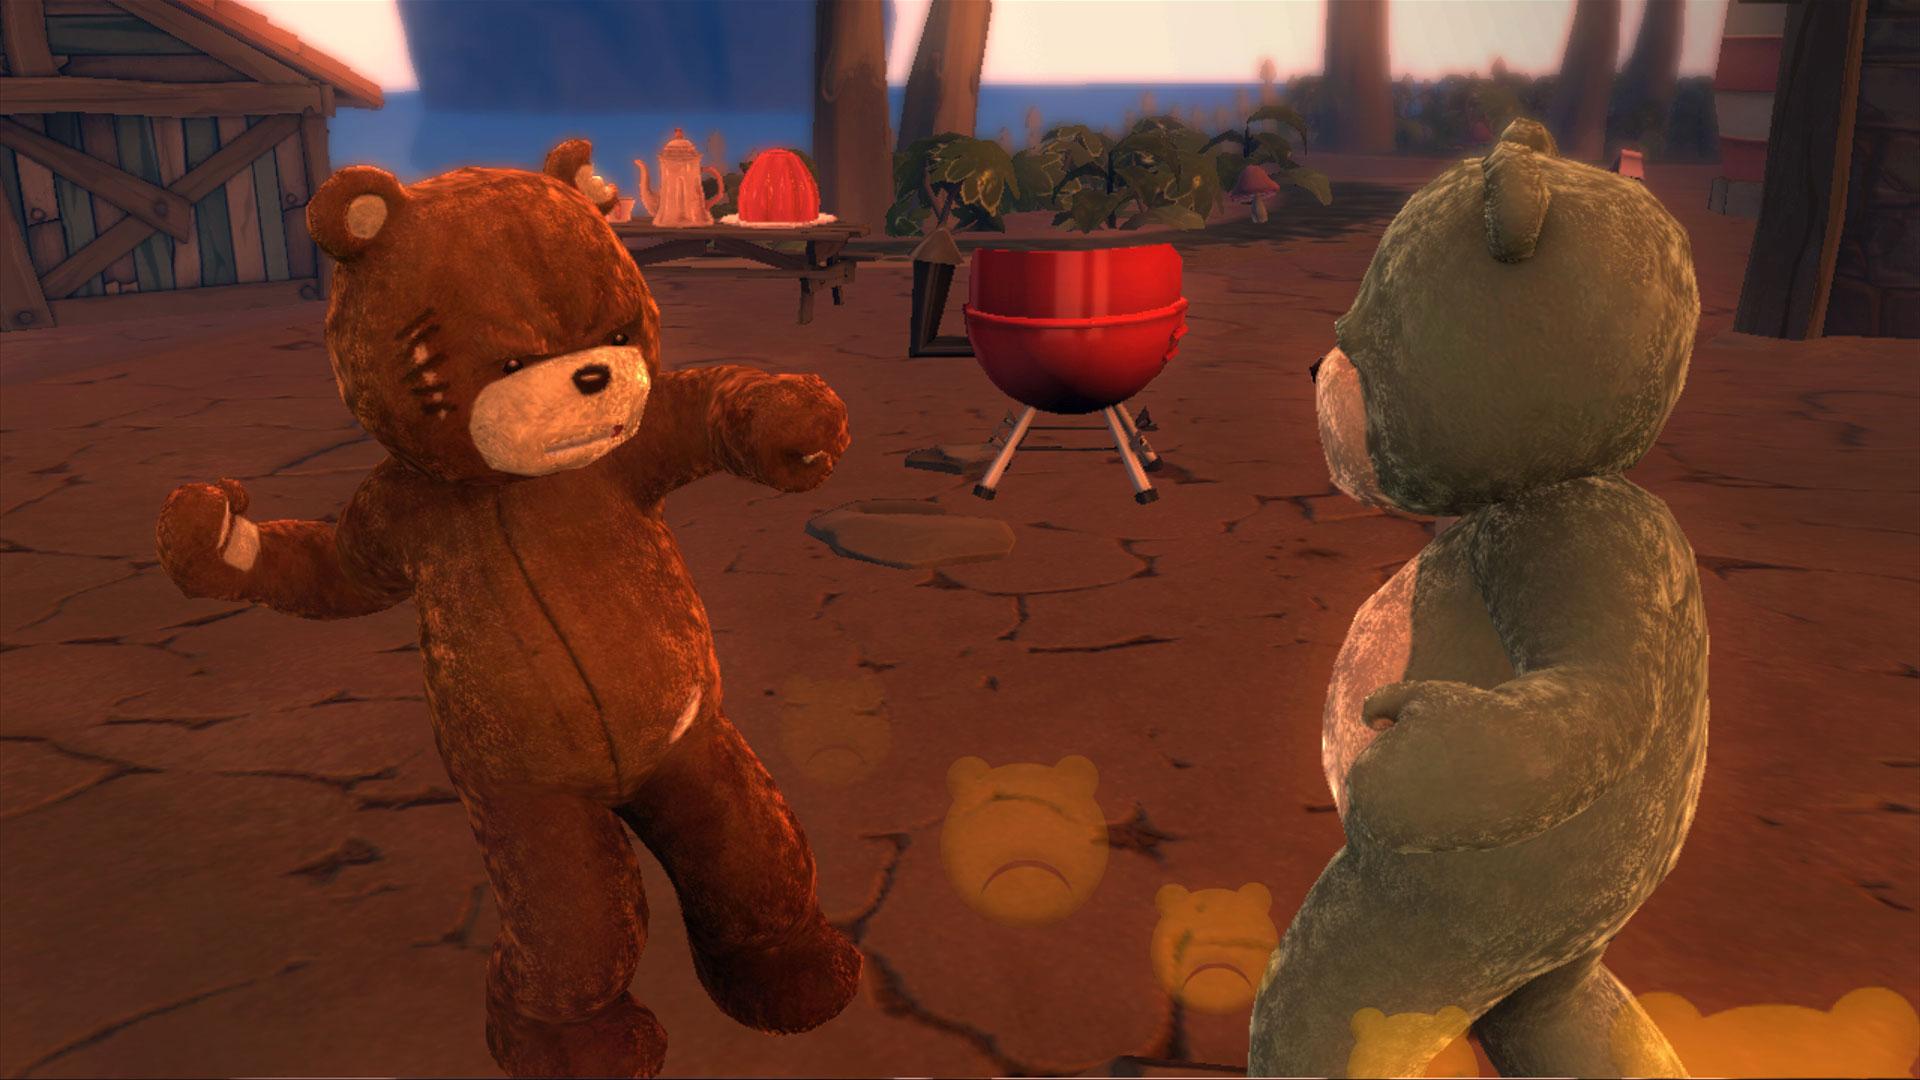 DLC pro Naughty Bear s pirátskou tématikou 8554